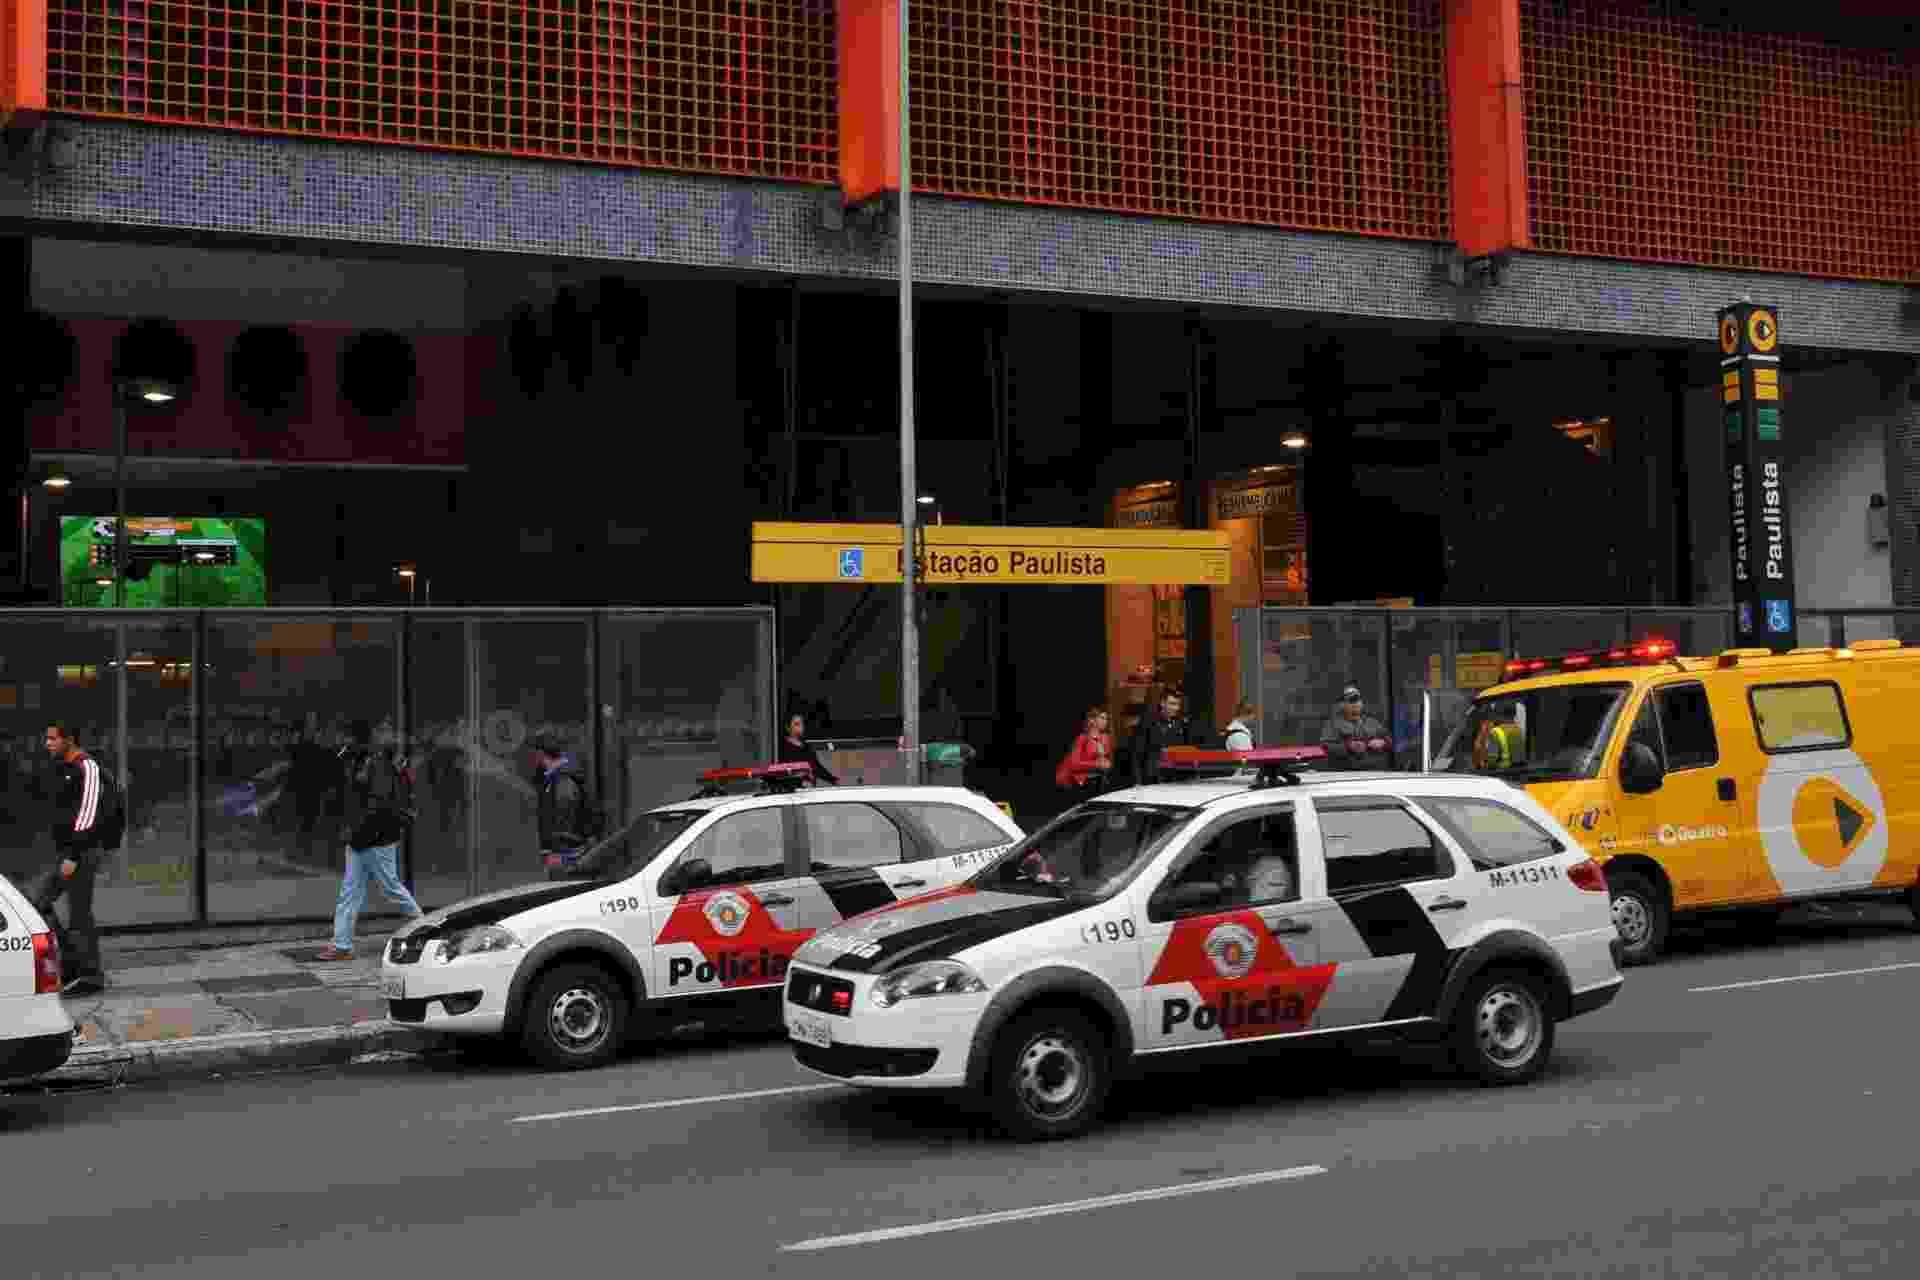 4.set.2013 - Polícia é acionada para averiguar um tumulto que deixou feridos na estação Paulista do metrô em São Paulo, nesta quarta-feira (4). Segundo usuários, algumas pessoas chegaram a se ferir após cair na esteira rolante durante a confusão. A empresa que administra a linha amarela, a Via Quatro, disse que ainda apura as causas e, sem confirmar o número de usuários feridos, disse que algumas pessoas foram atendidas por socorristas da empresa - J. Duran Machfee/Futura Press